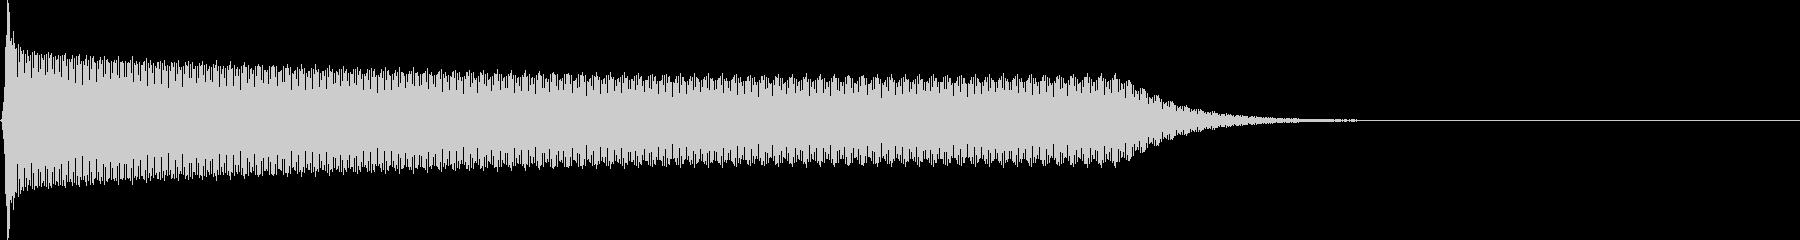 選択音 決定音 シンプル A04の未再生の波形